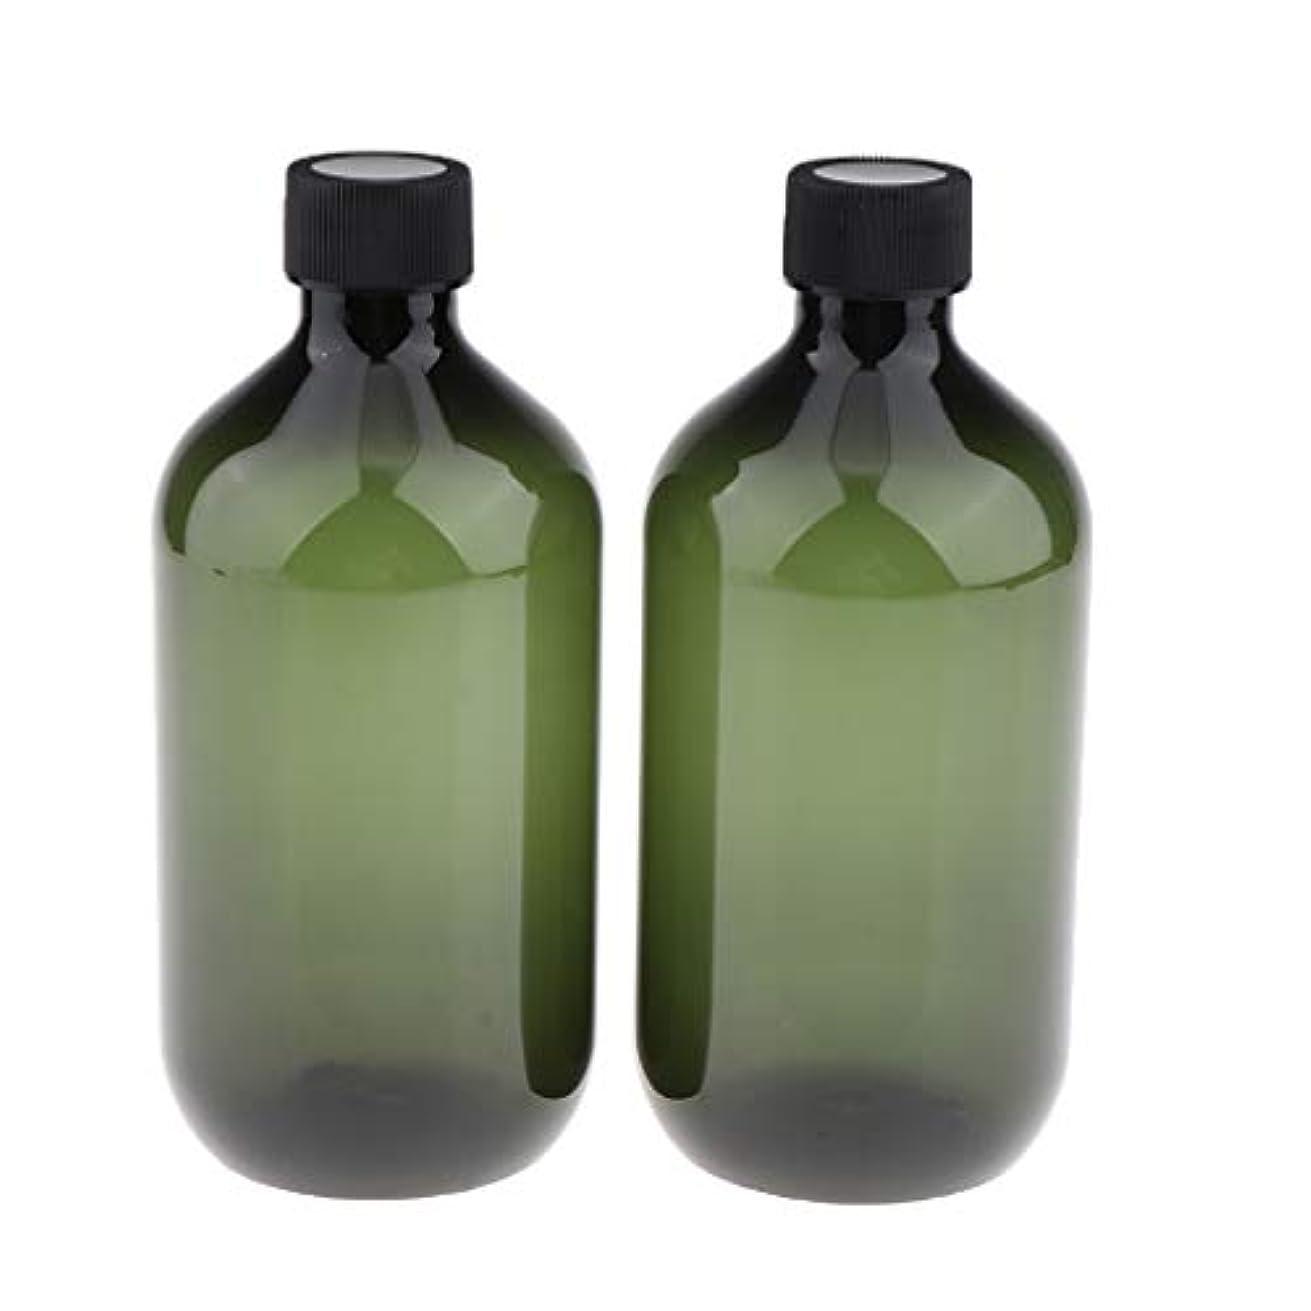 我慢するリーク無謀ローションボトル シャンプーボトル 遮光瓶 空ボトル 遮光ボトル UV保護 500ml 全2色 - ピクルスグリーン